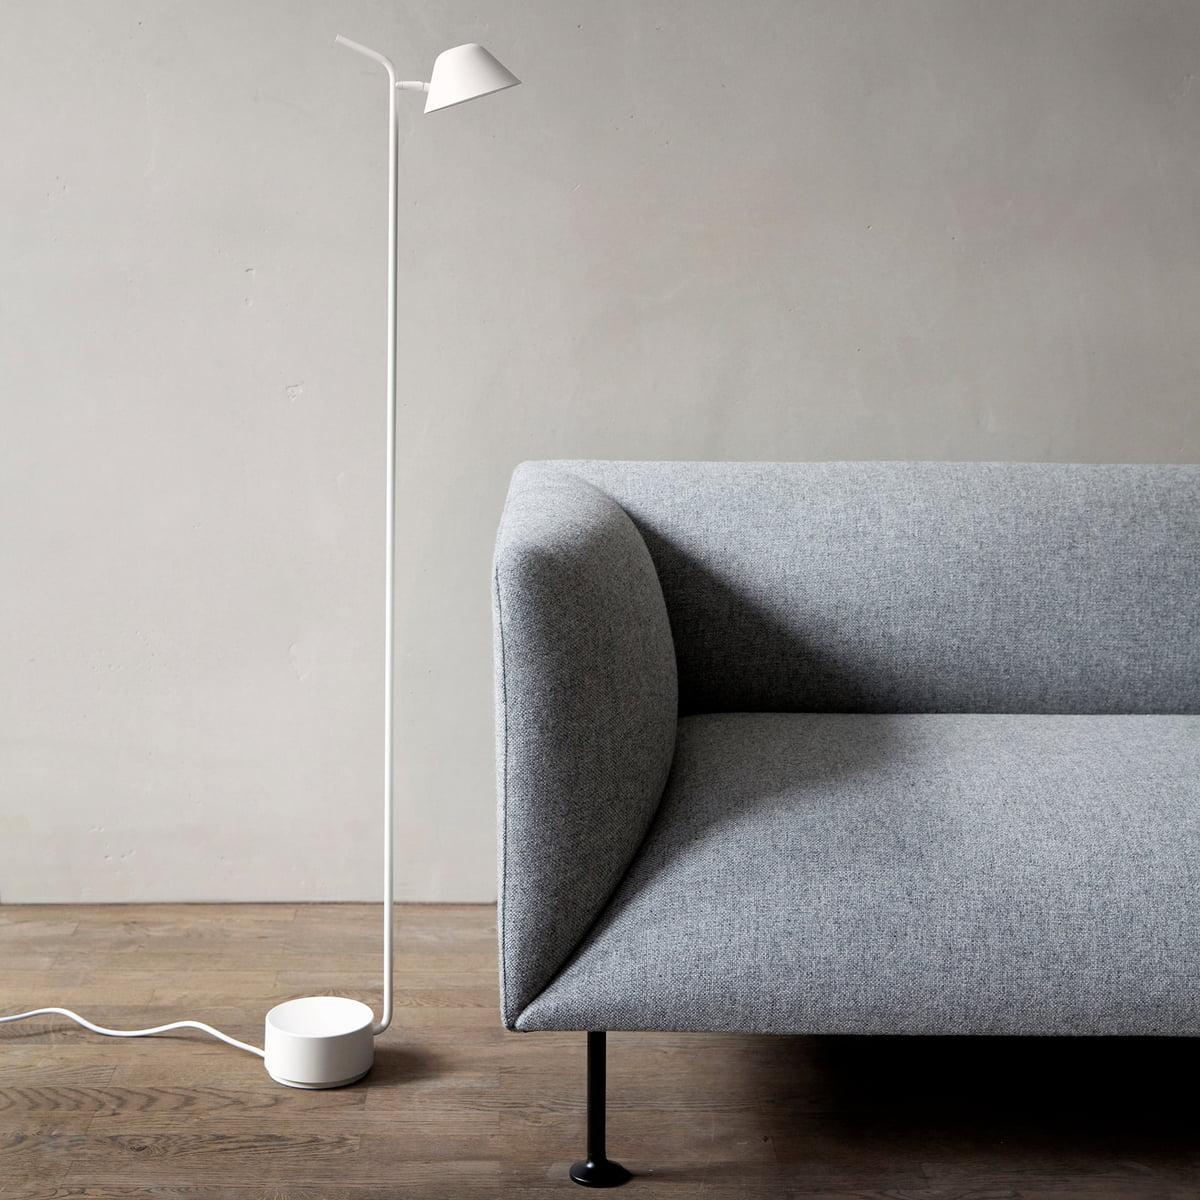 Beeindruckend Stehlampe Esstisch Foto Von Die Dezente Peek Stehleuchte Für Ihr Sofa